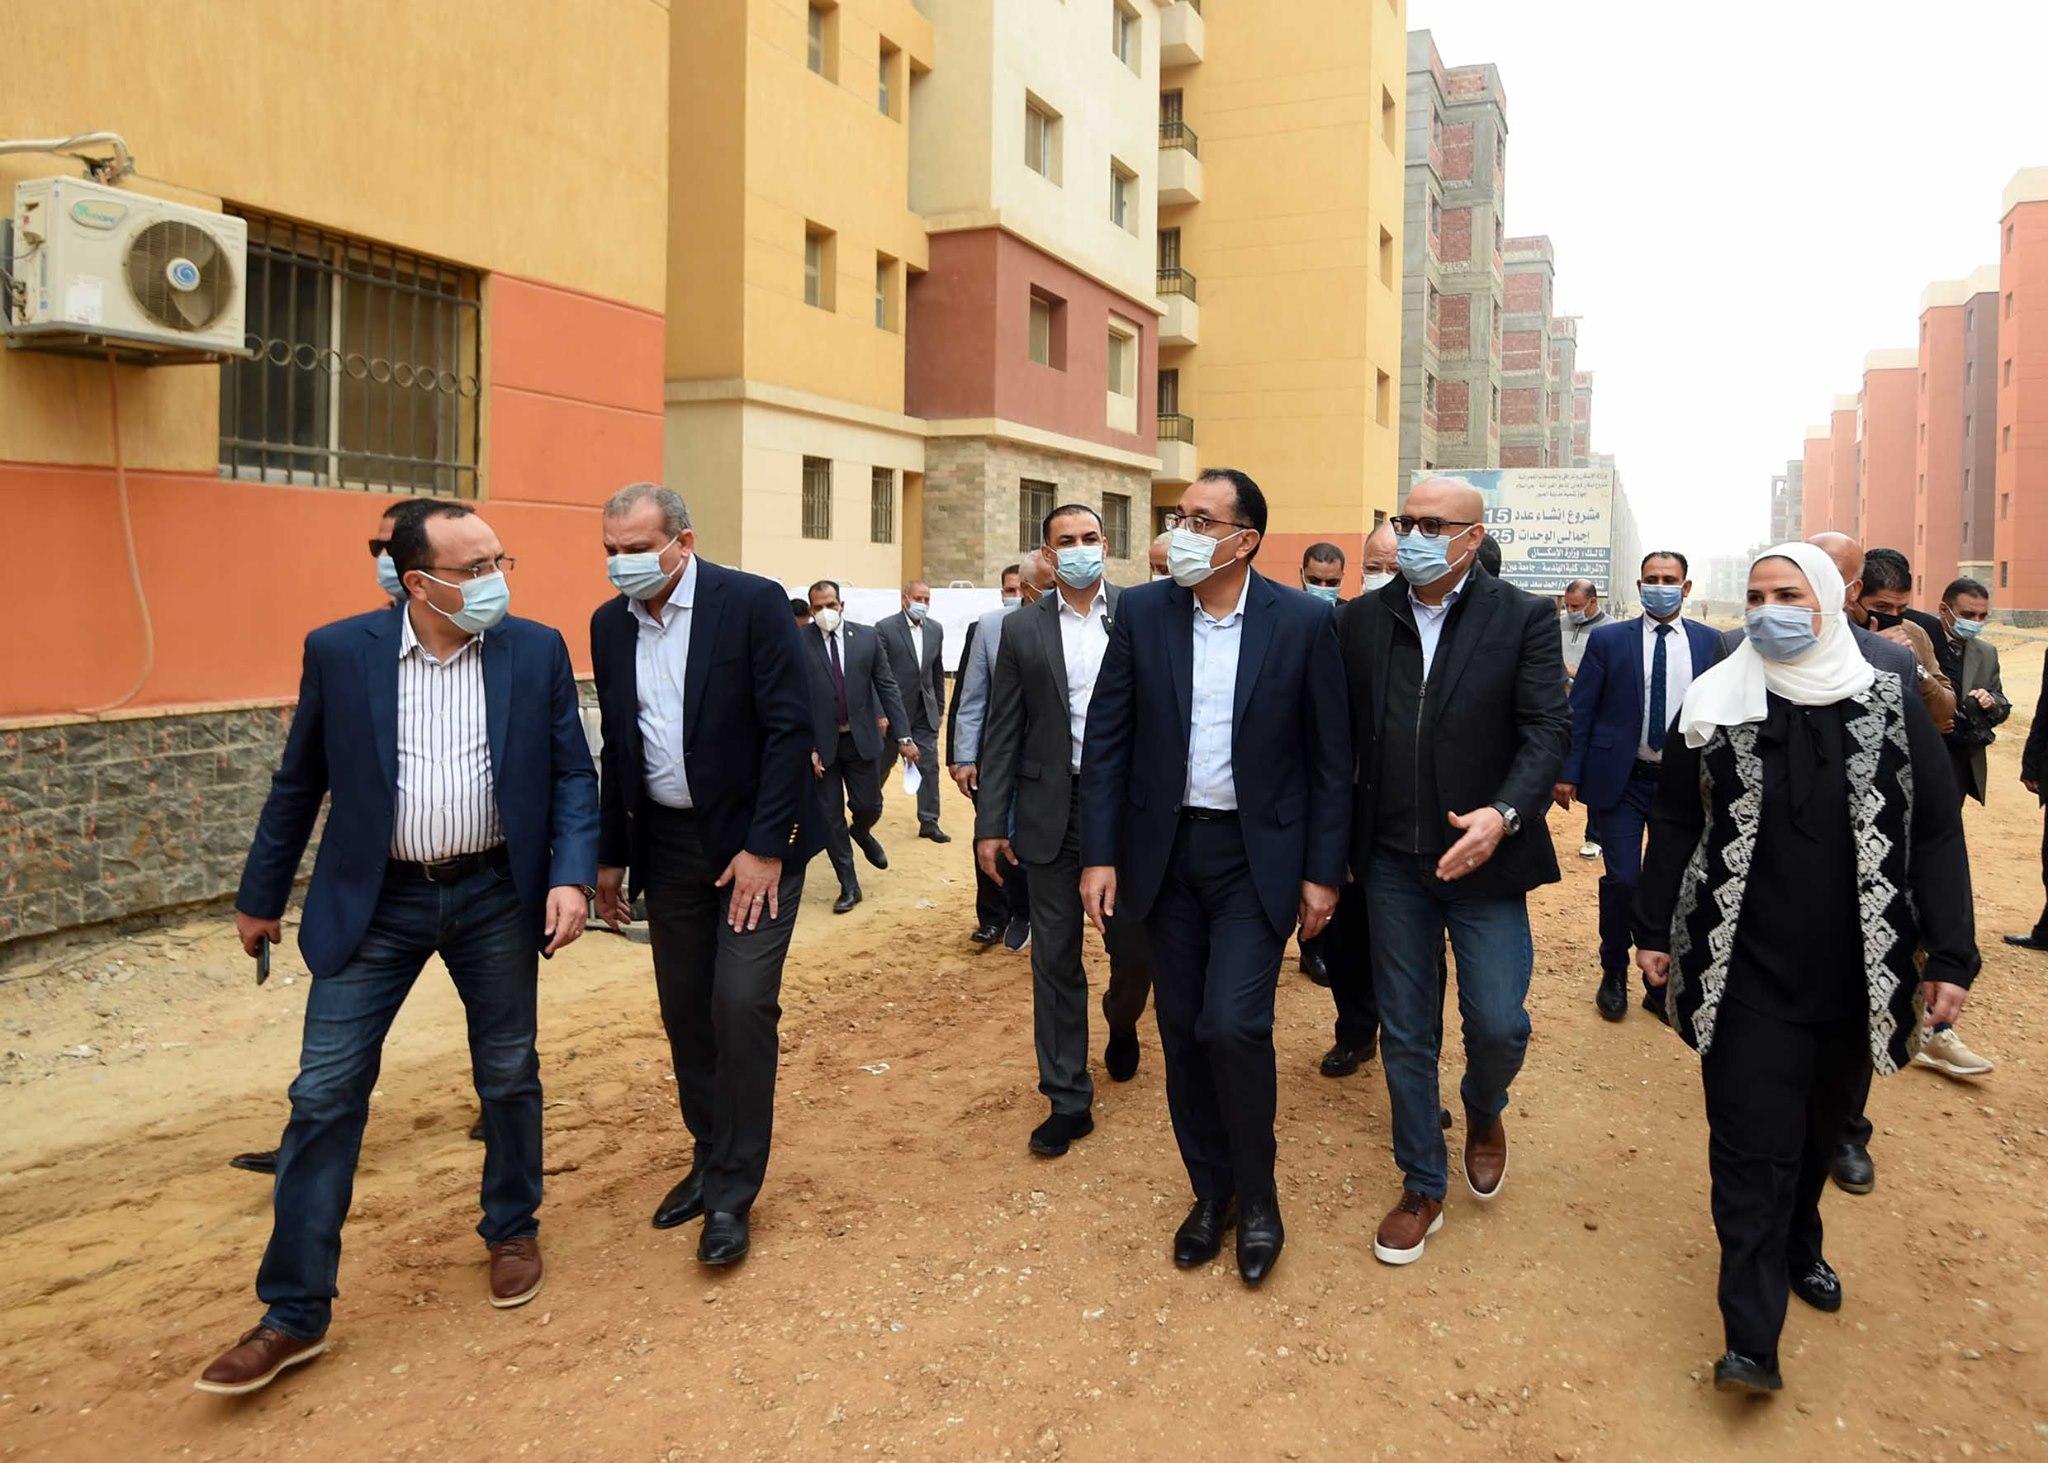 رئيس الوزراء يتفقد مشروعات الإسكان الاجتماعى وبديل العشوائيات بمدينة العبور الجديدة